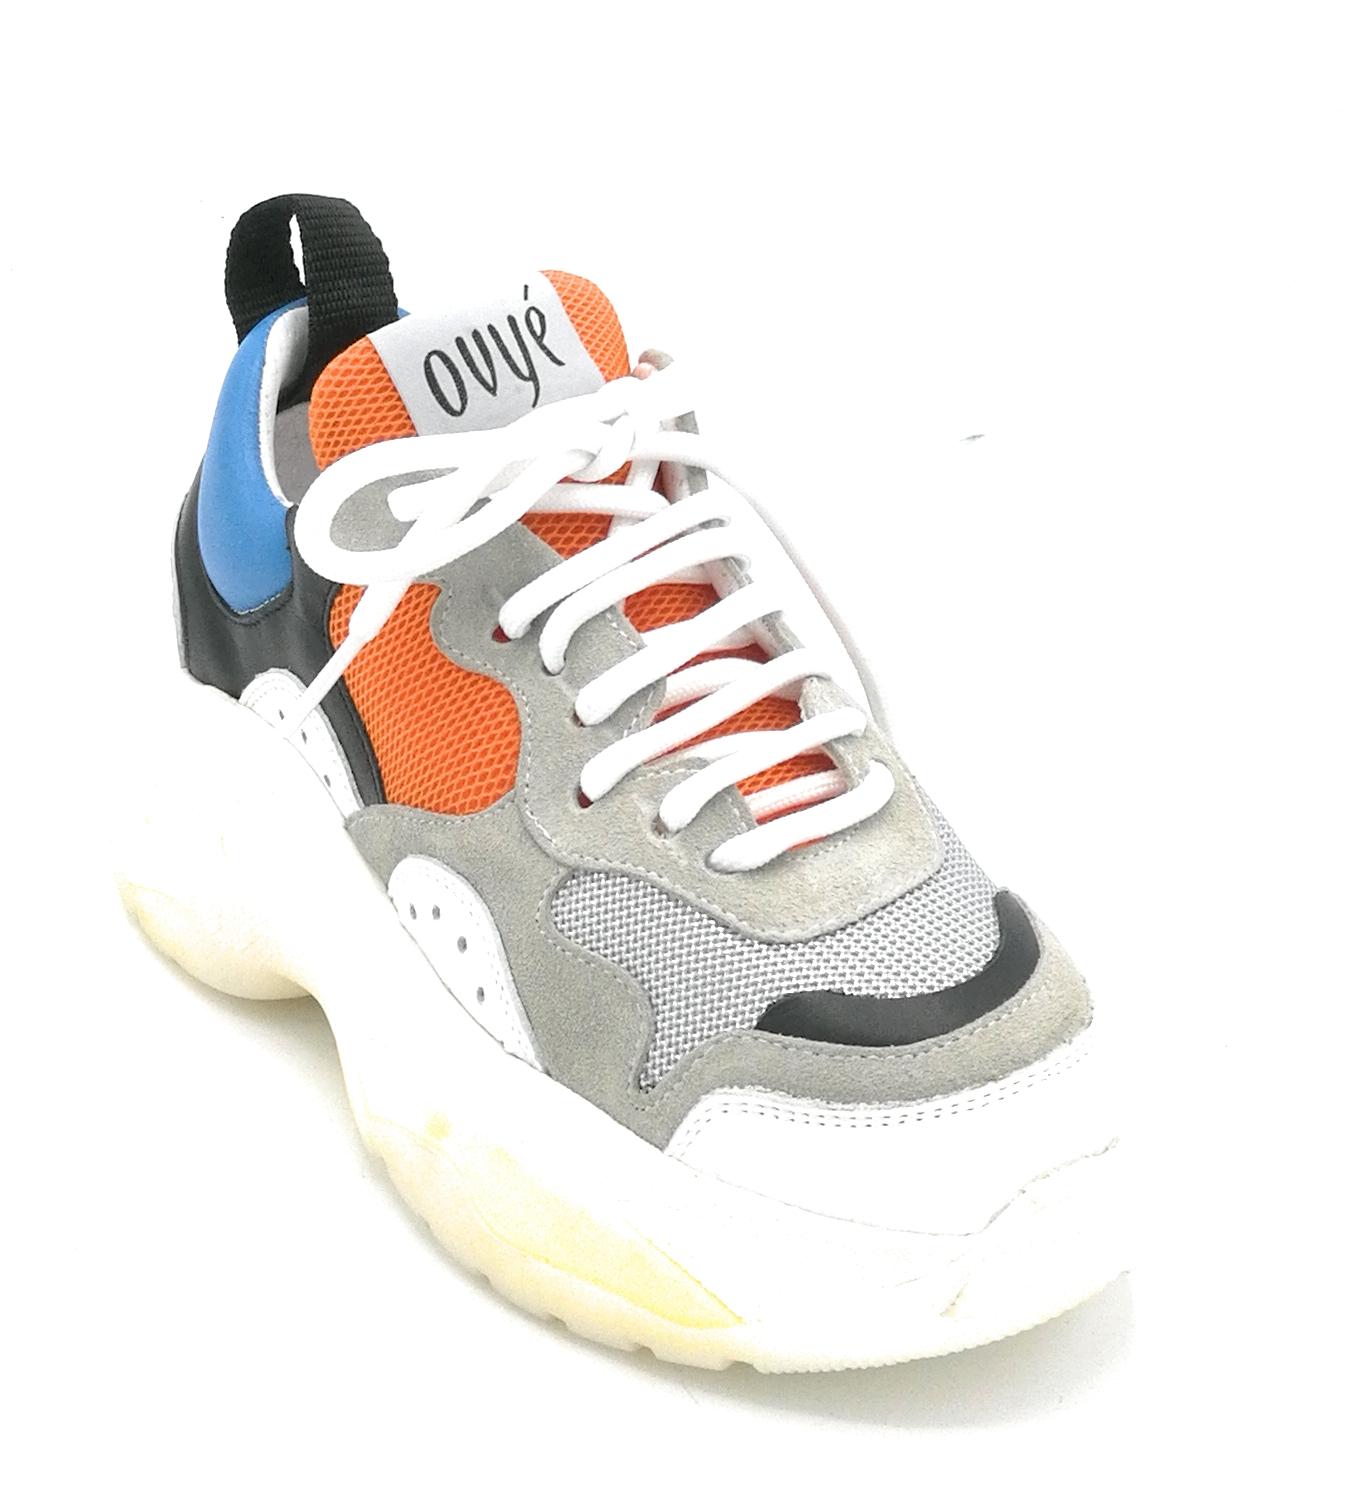 Camoscio Tessuto Ovye Pelle Lacci Rg03v8 Multicolor Sneaker hQrstCd